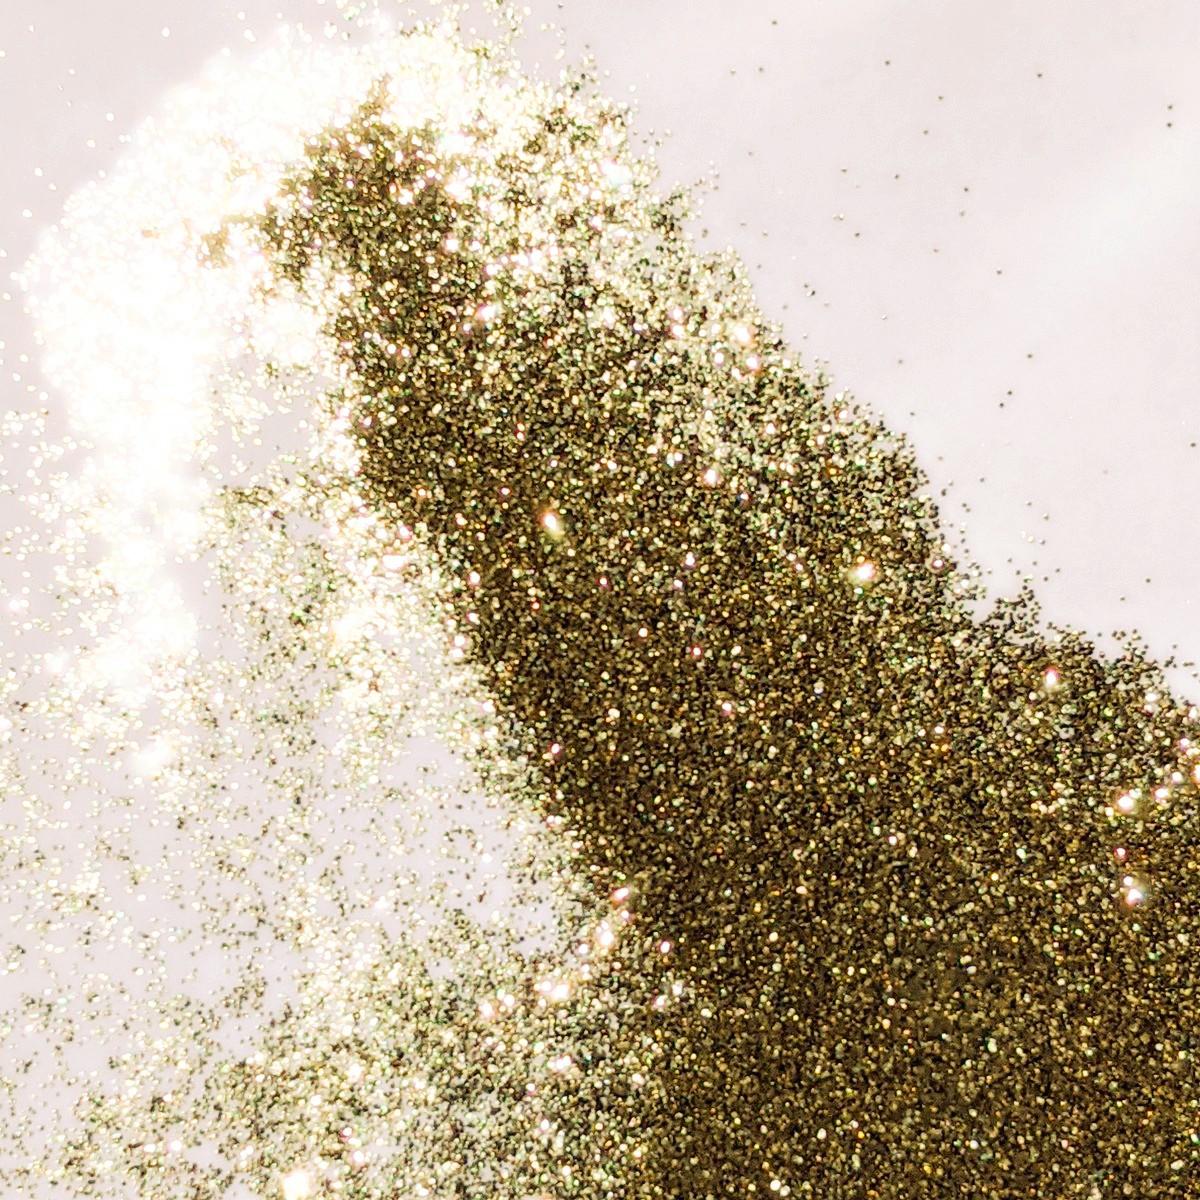 ABA Fine Cosmetic Glitter 7.5ml Jar – Brilliant Gold